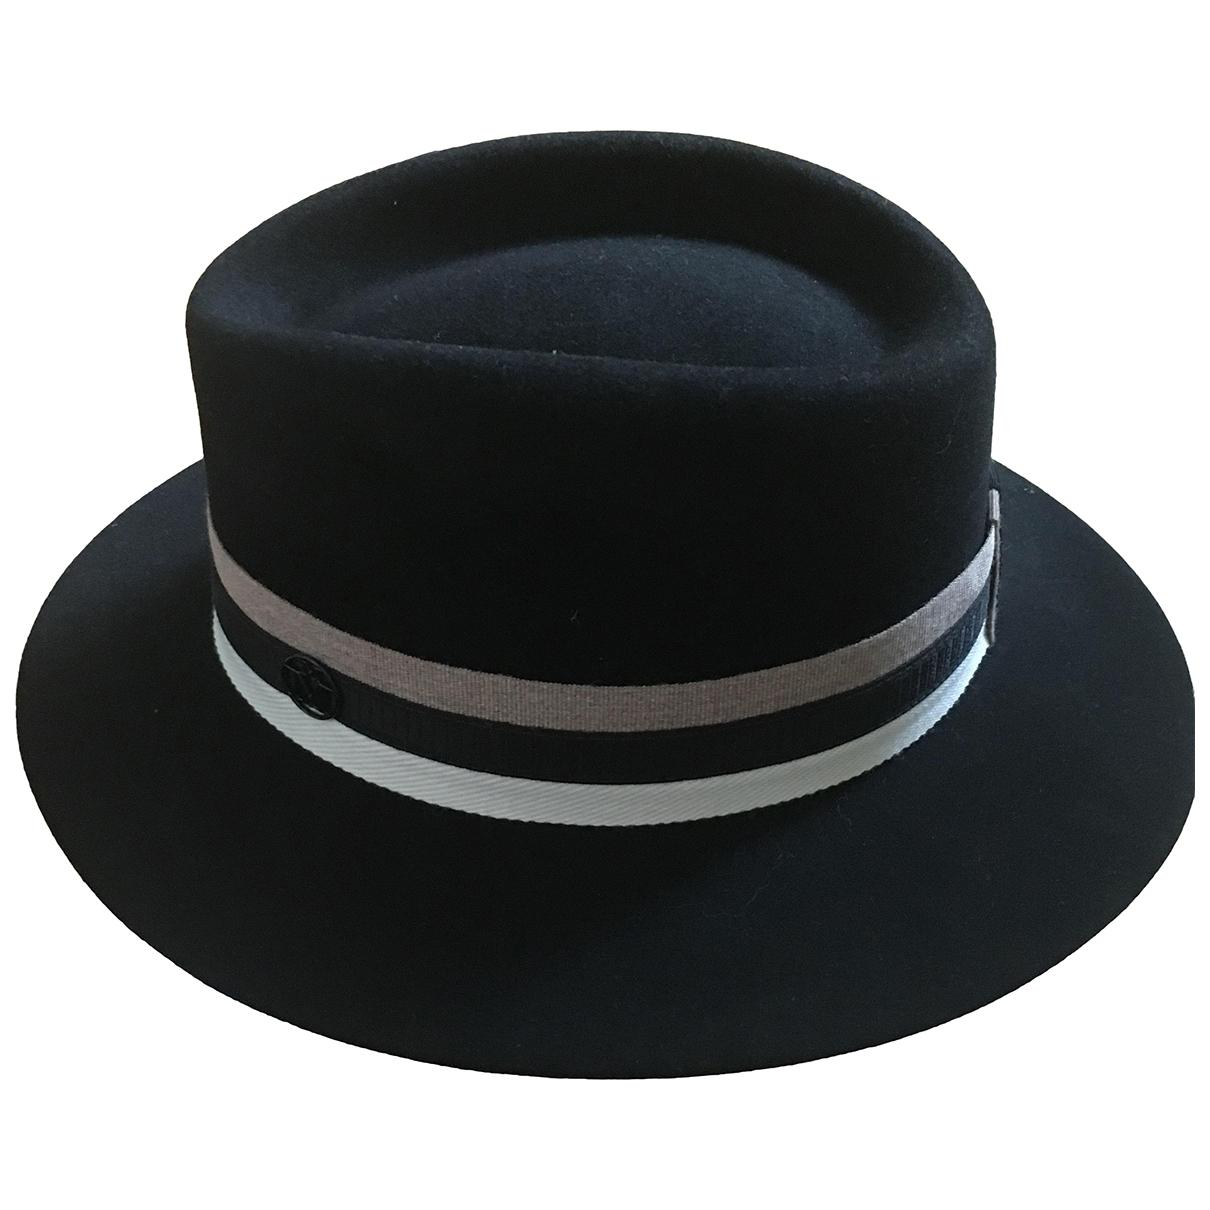 Maison Michel \N Black Wool hat for Women S International